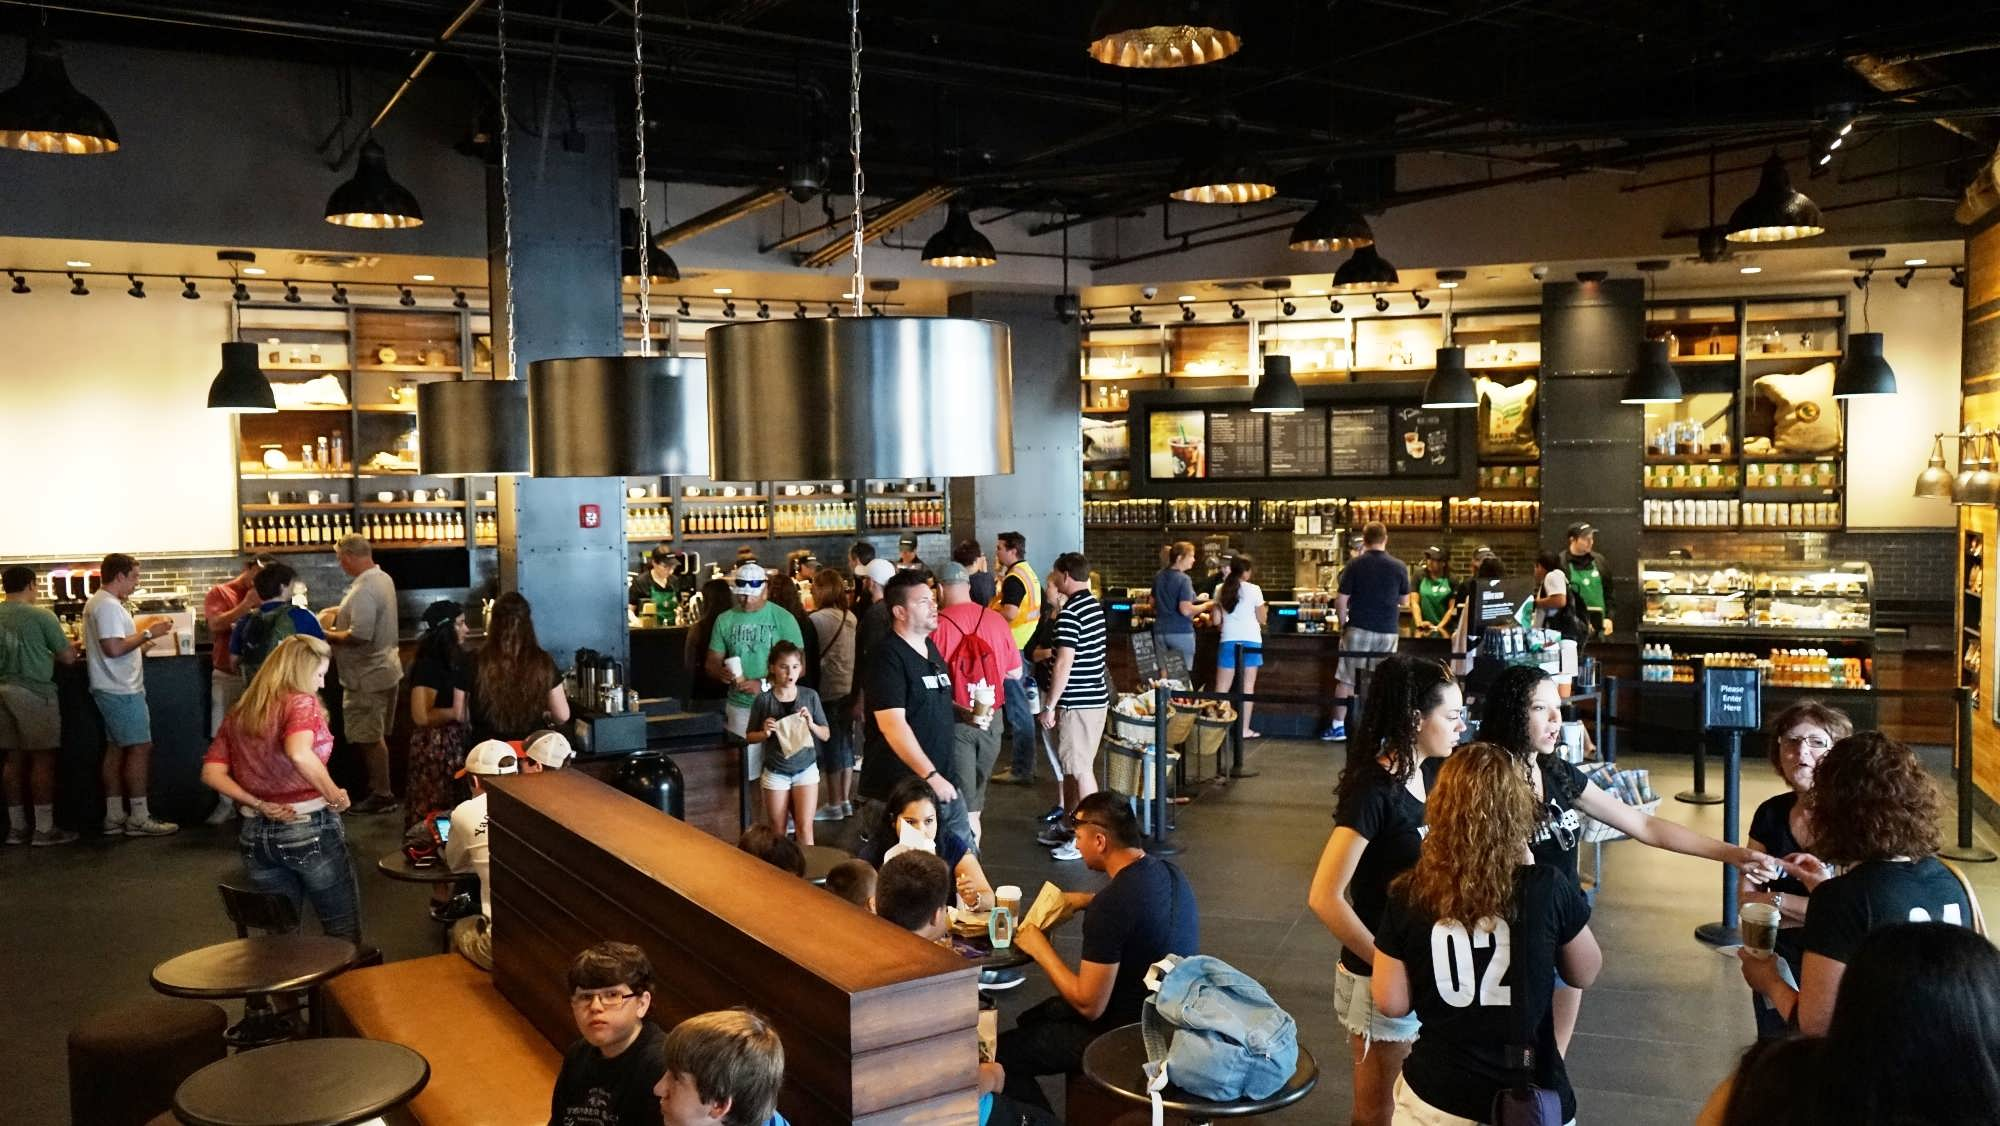 Starbucks in CityWalk